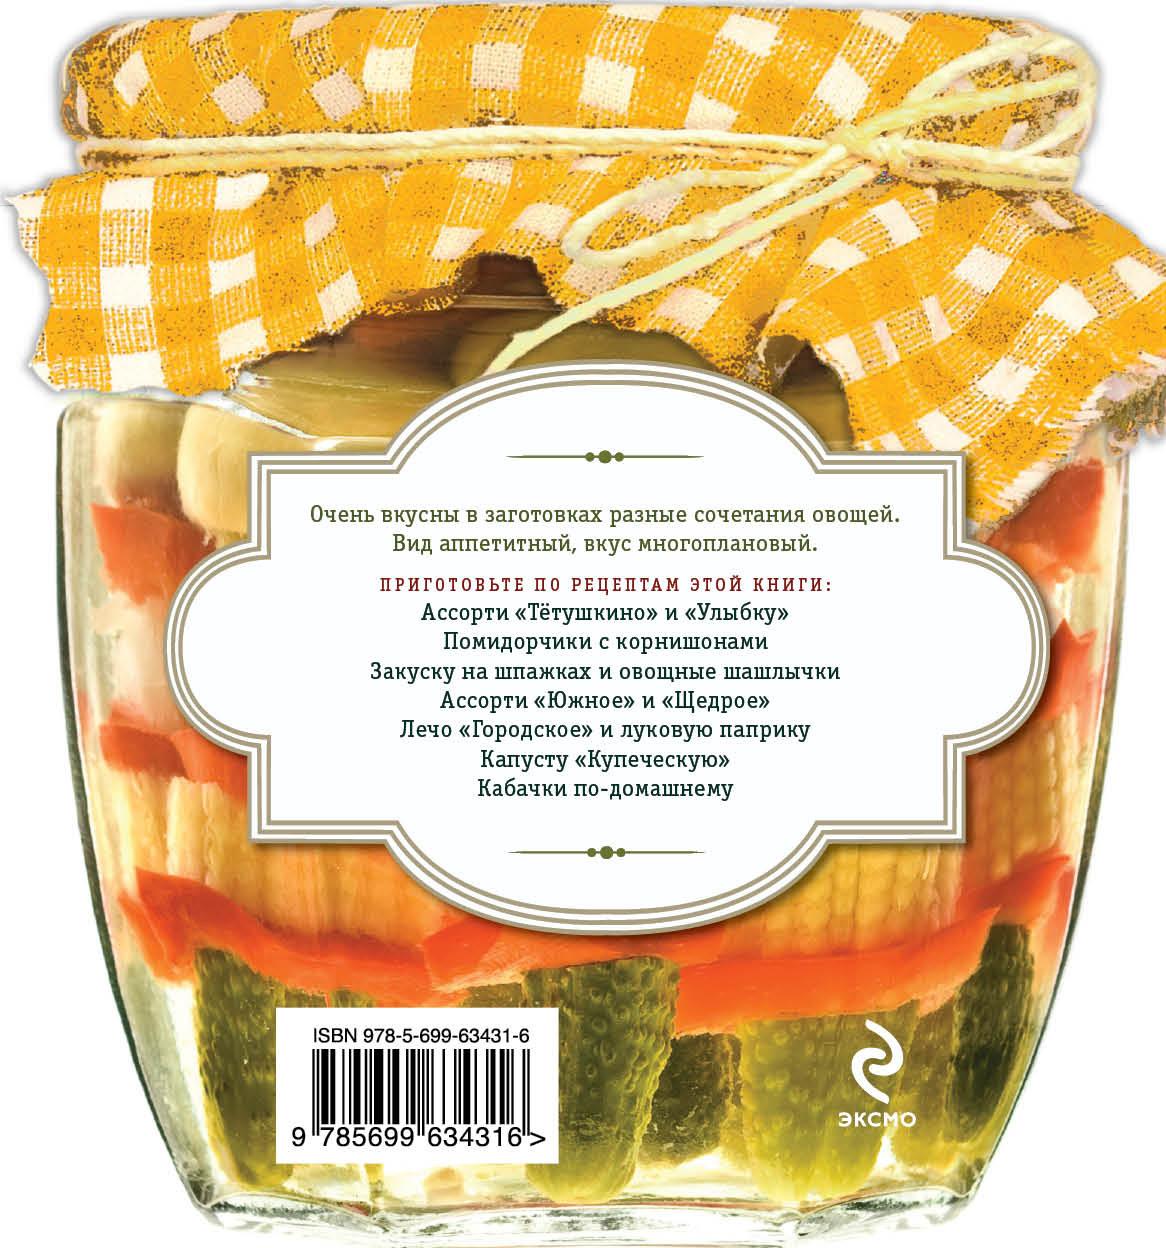 Консервированные миксы из овощей